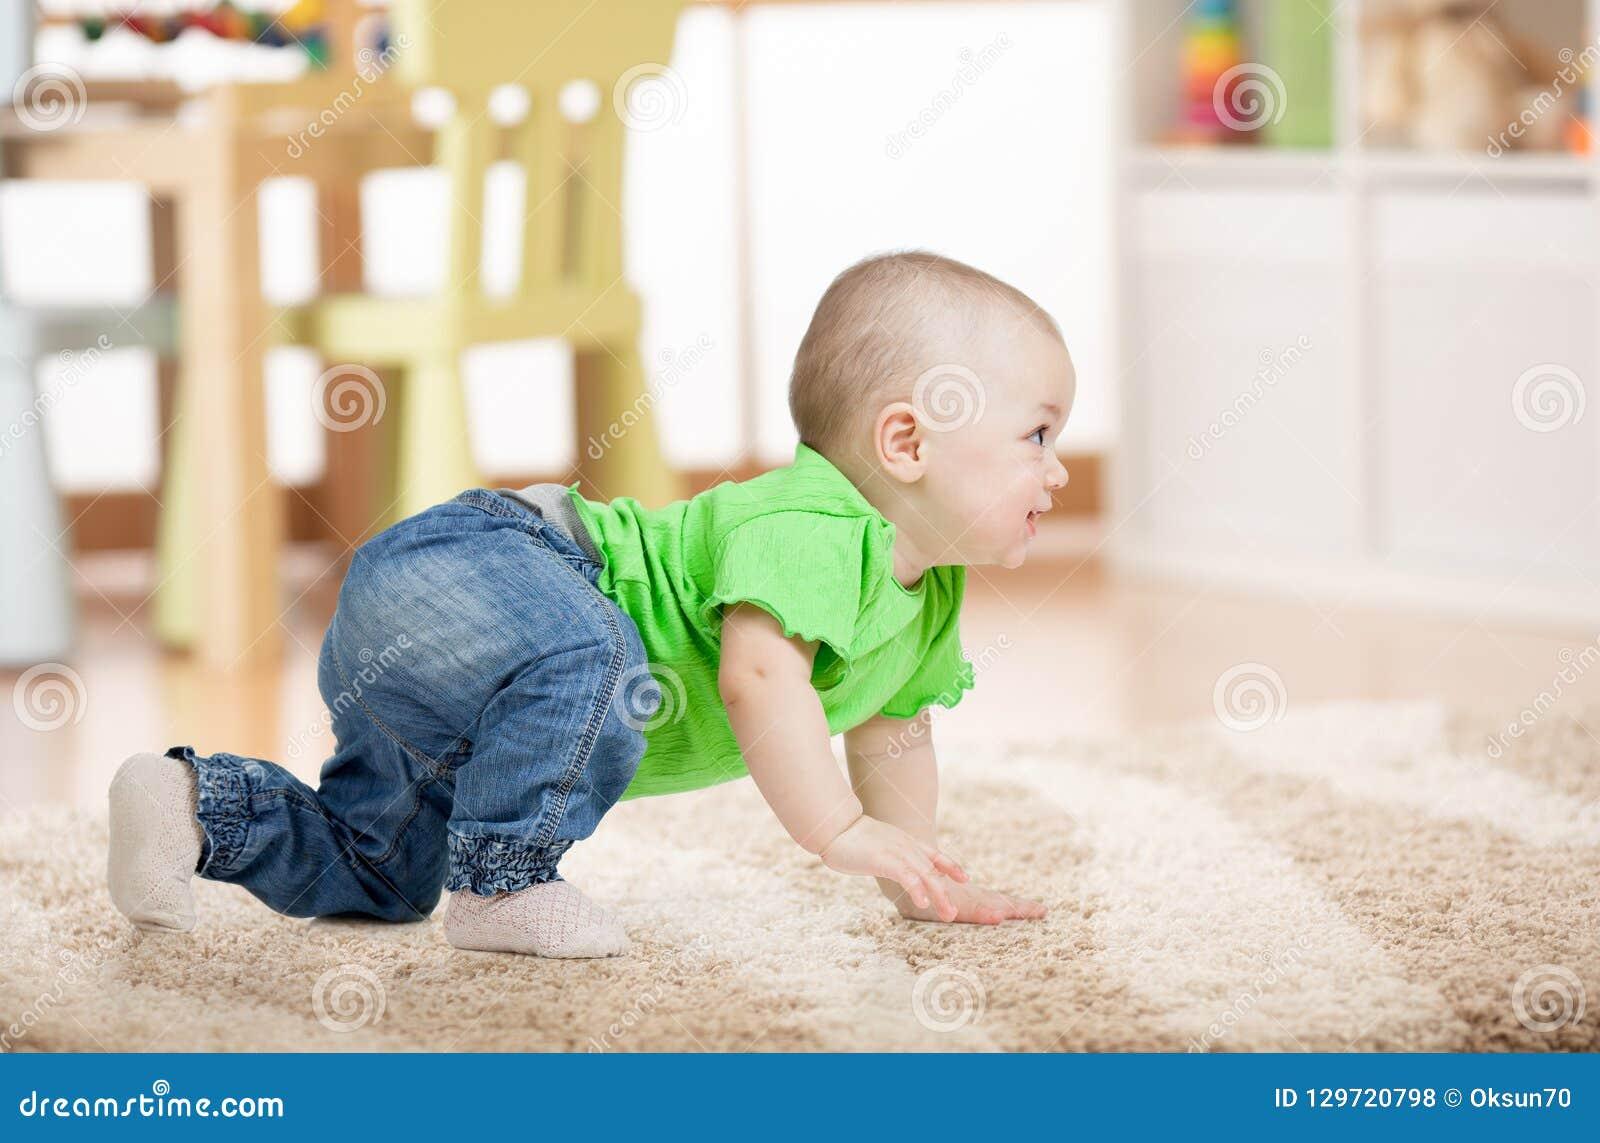 Boczny widok dziecka czołganie na dywanie na podłodze w dziecko pokoju